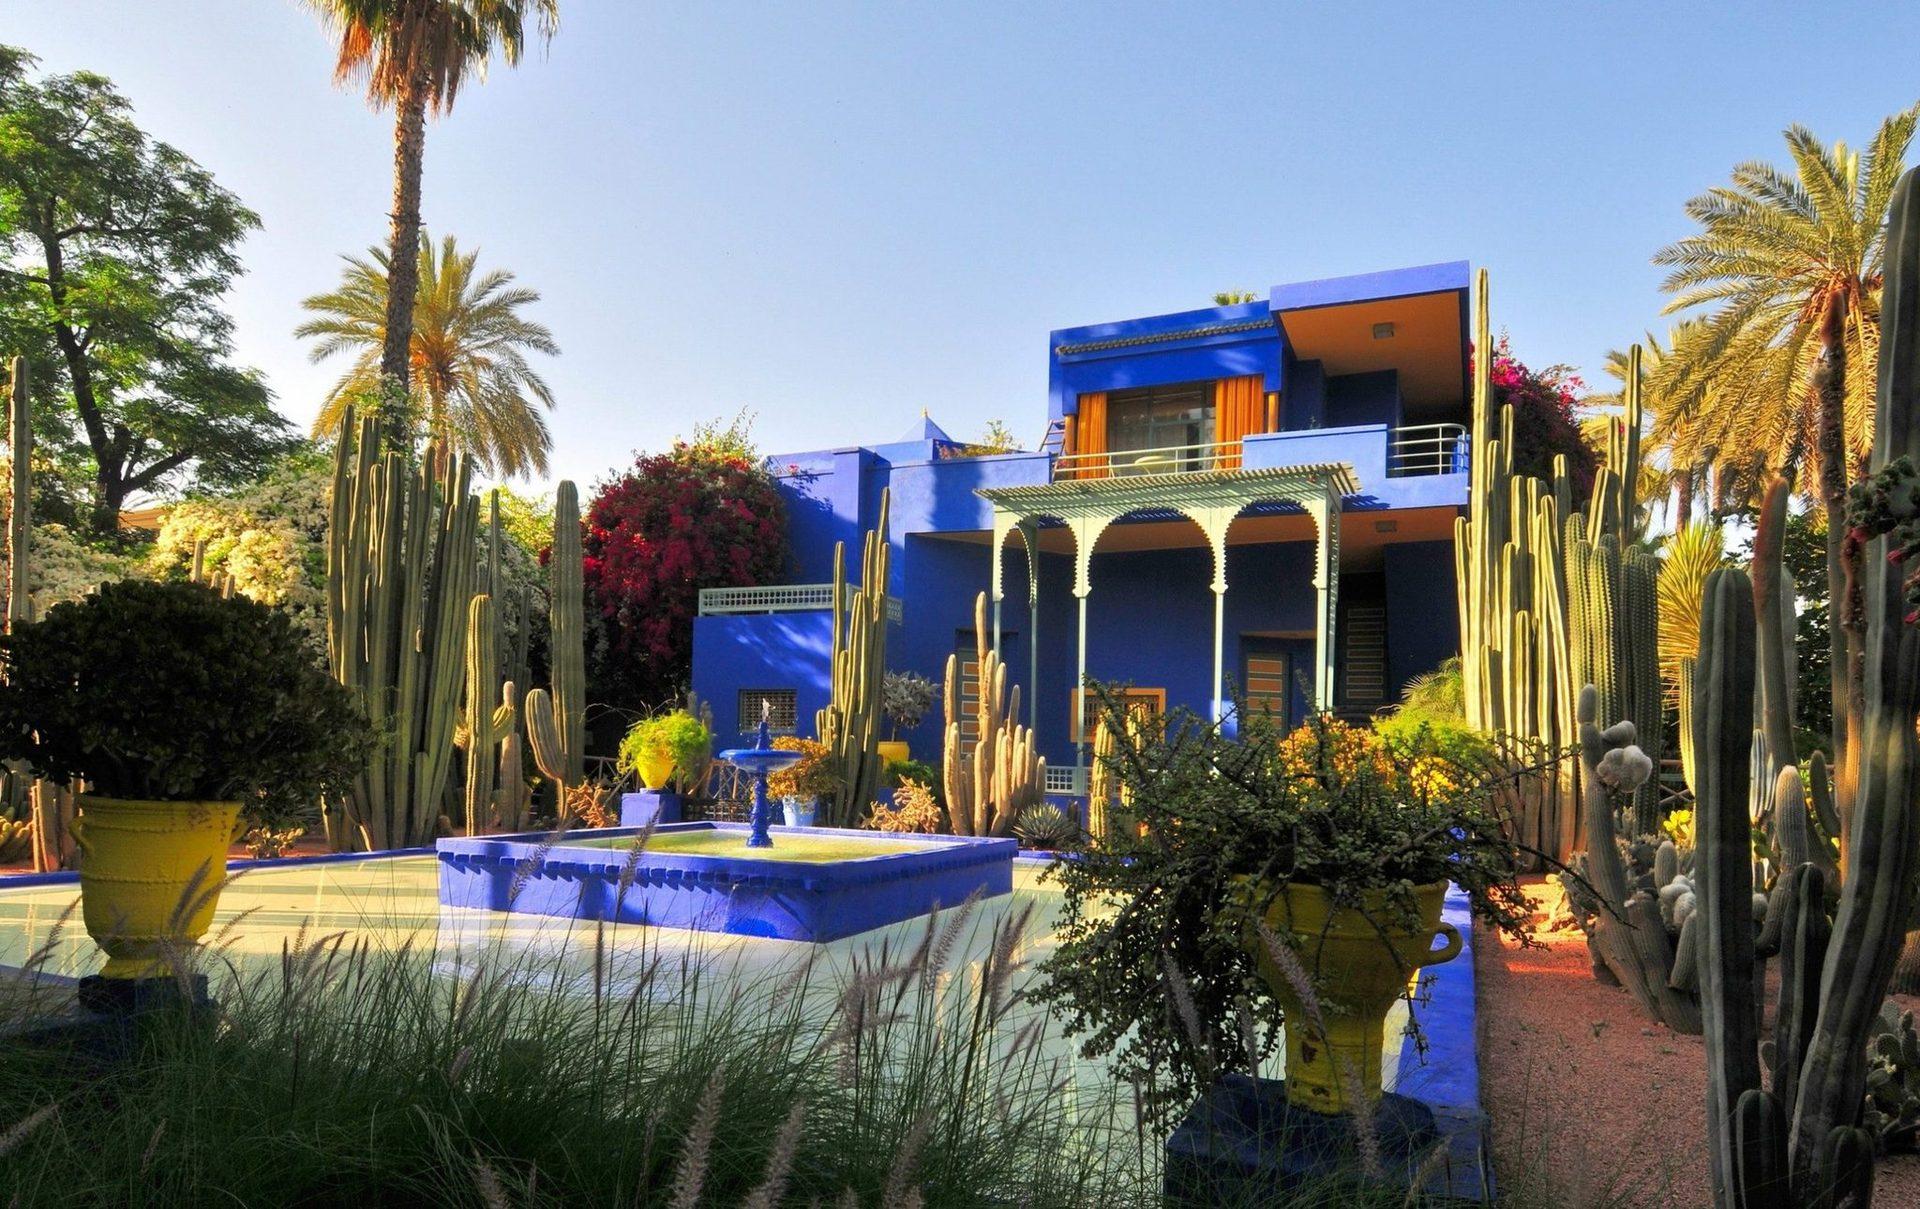 Мы с вами посетим яркий  и необычный оазис посреди суетливого Марракеша - Сад Мажорель